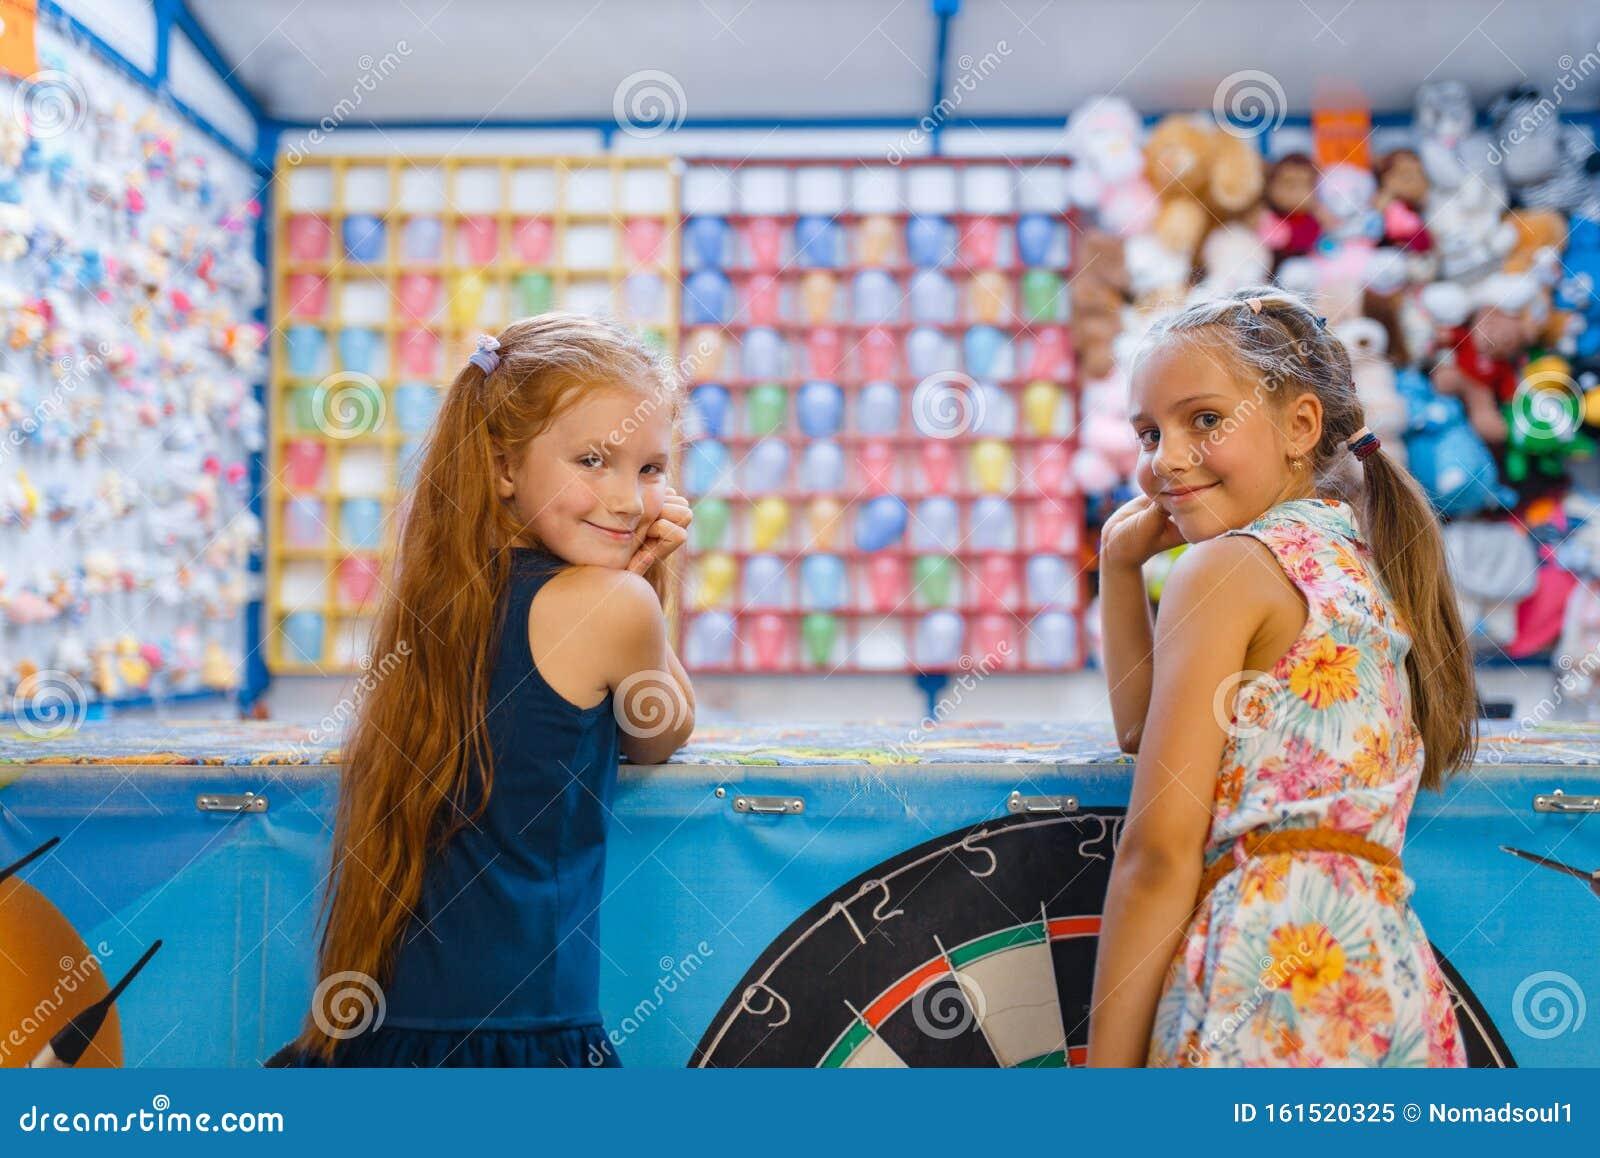 Zwei Freundinnen Spielen Im Bad